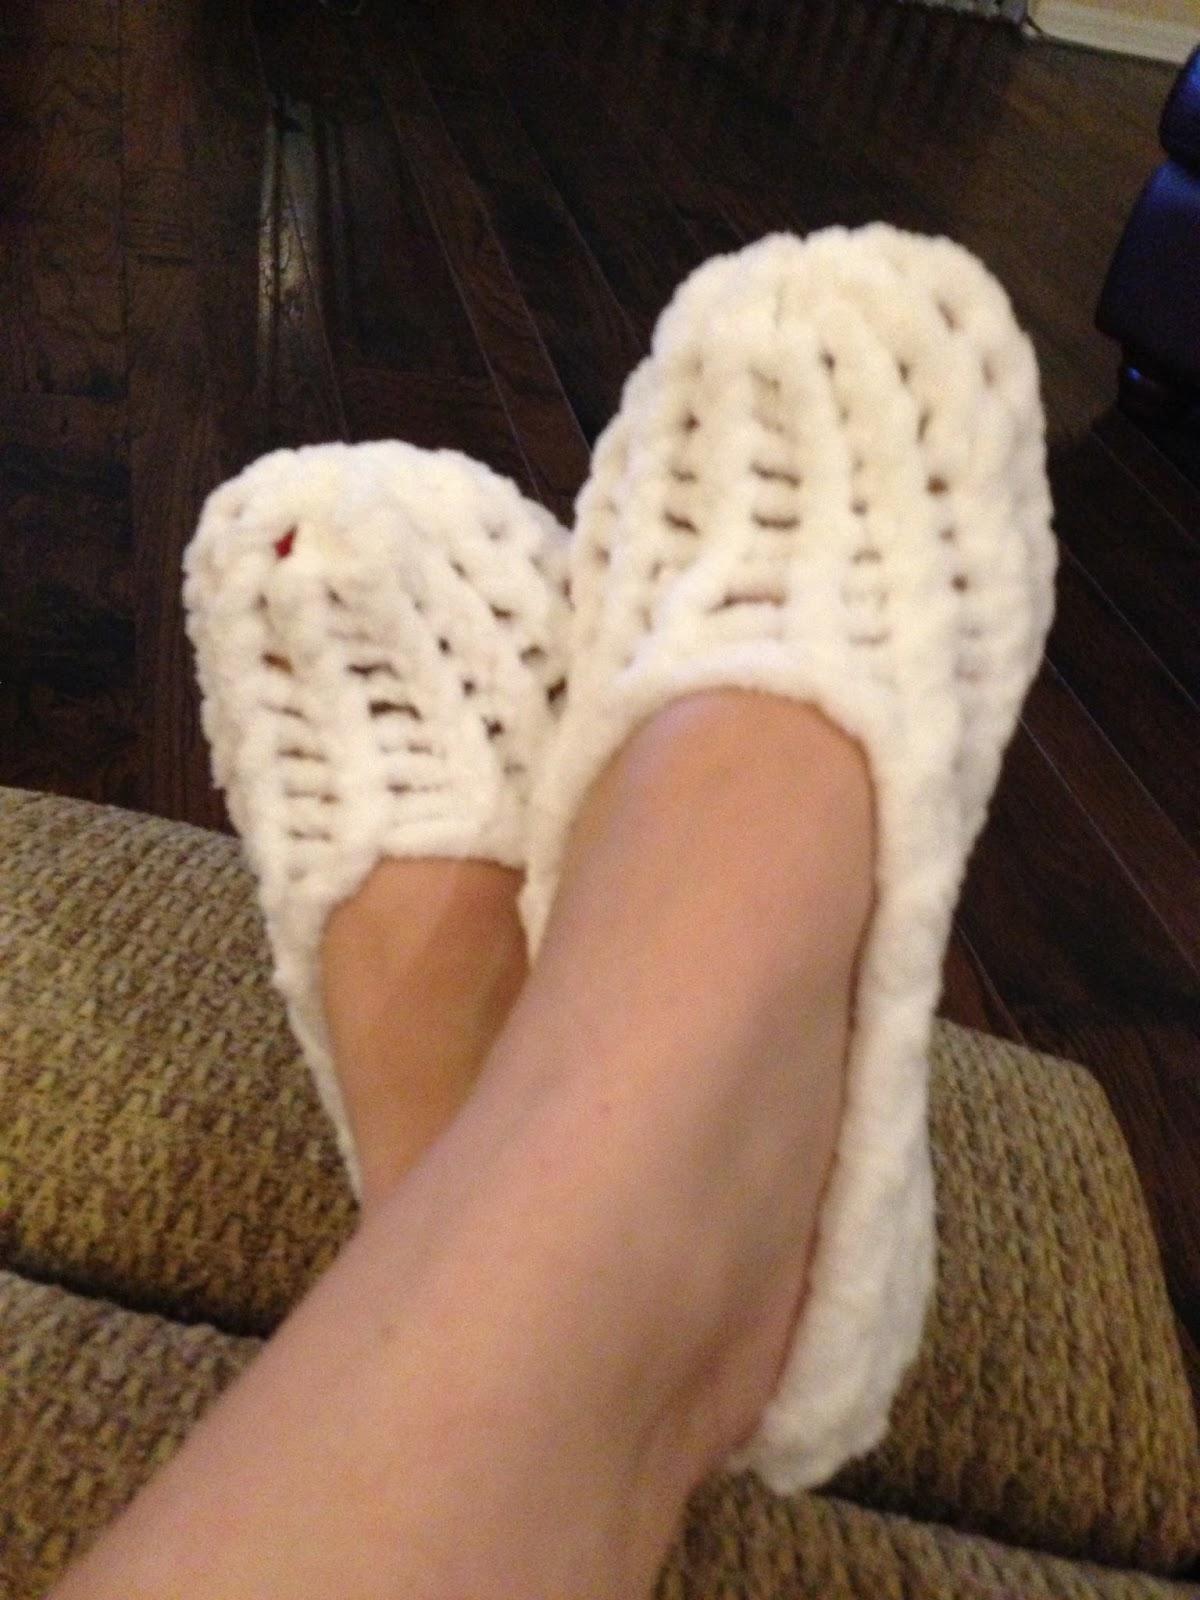 Loom Knitting Patterns For Slippers : Lou Girl Plus Tea: Loom Knitting Slippers